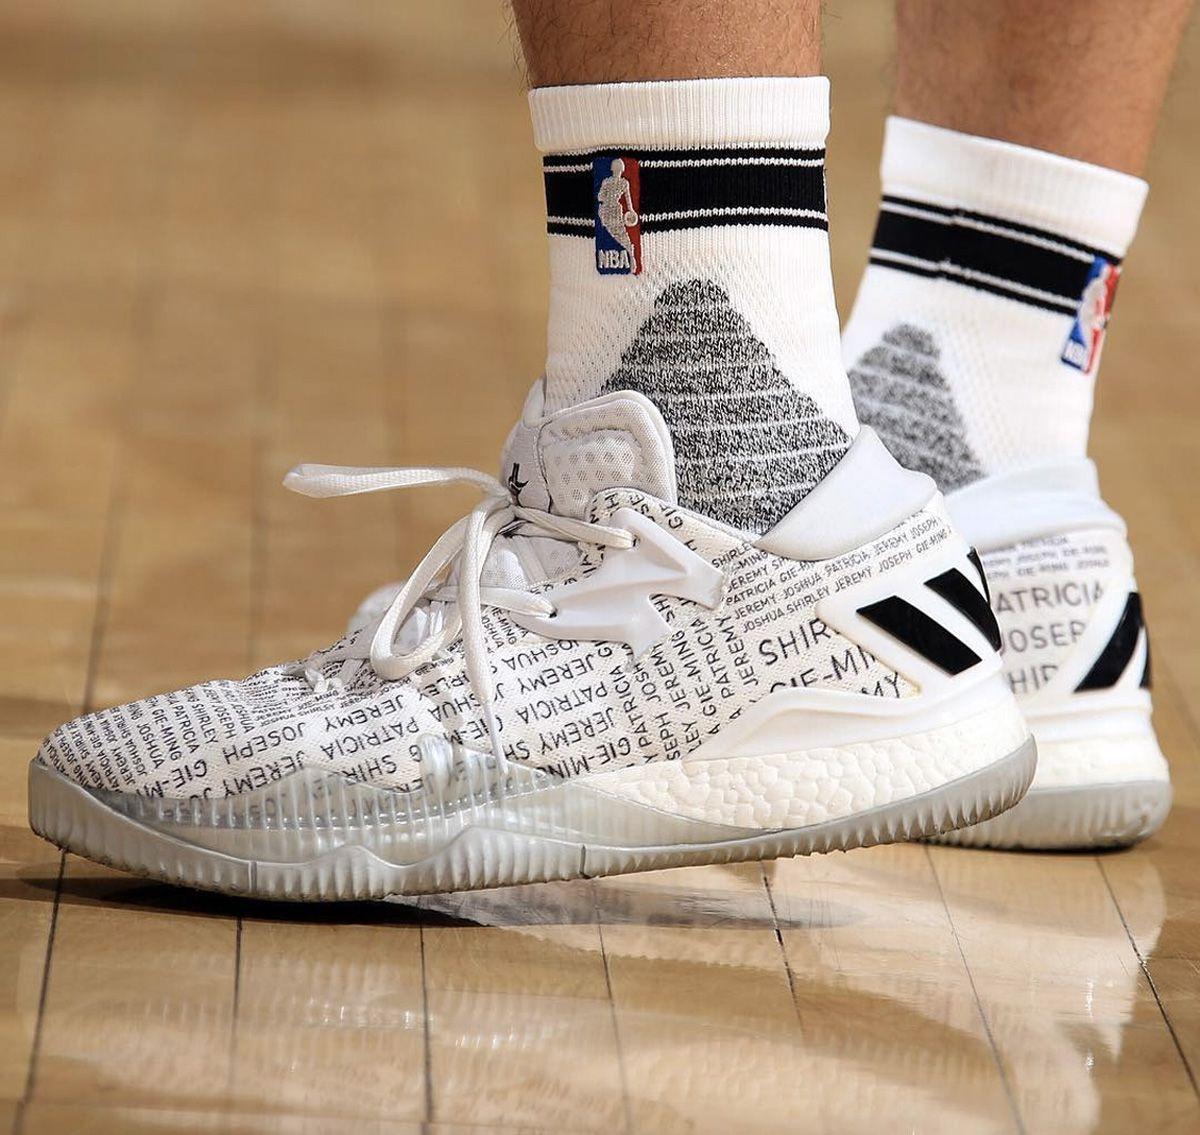 Jeremy Lin thể hiện tình yêu gia đình lên chính đôi giày của mình, adidas quả tâm lý